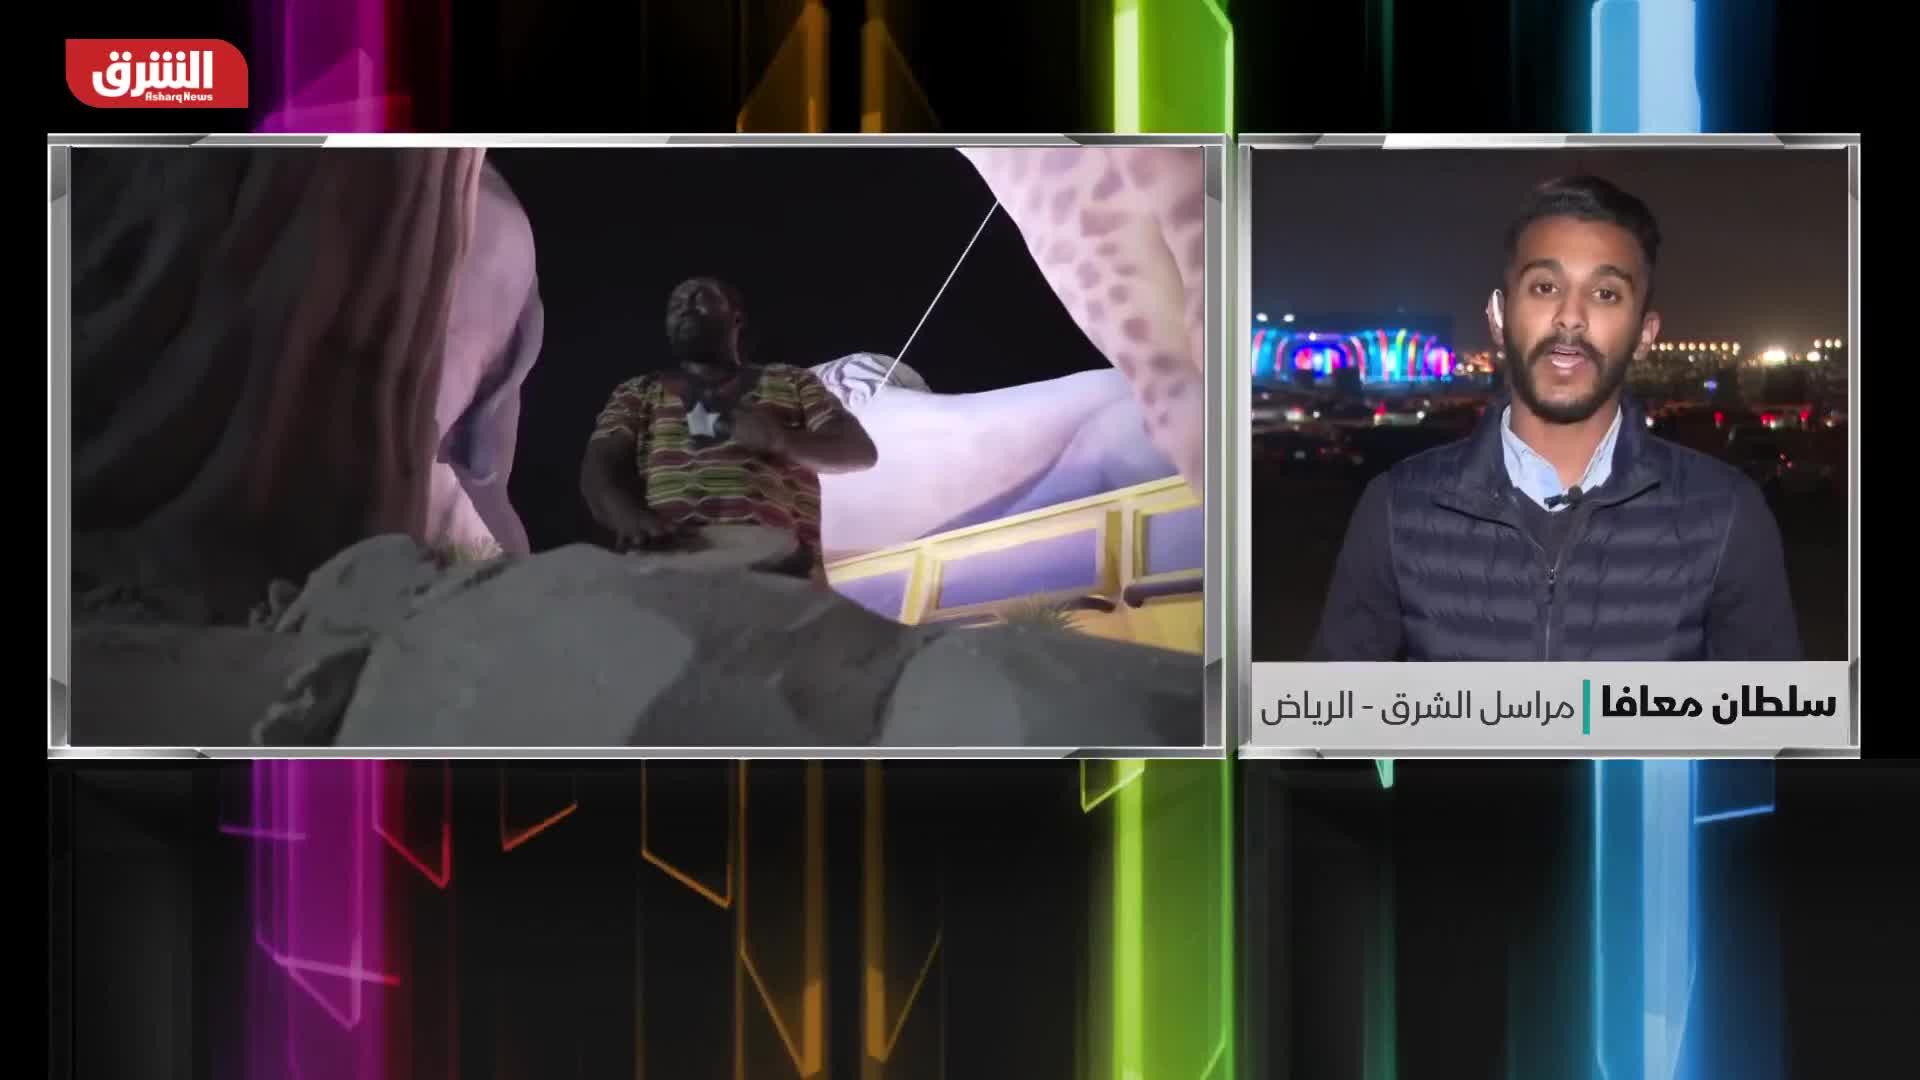 """فعاليات """"موسم الرياض"""" تنطلق بحضور جماهيري متنوع"""